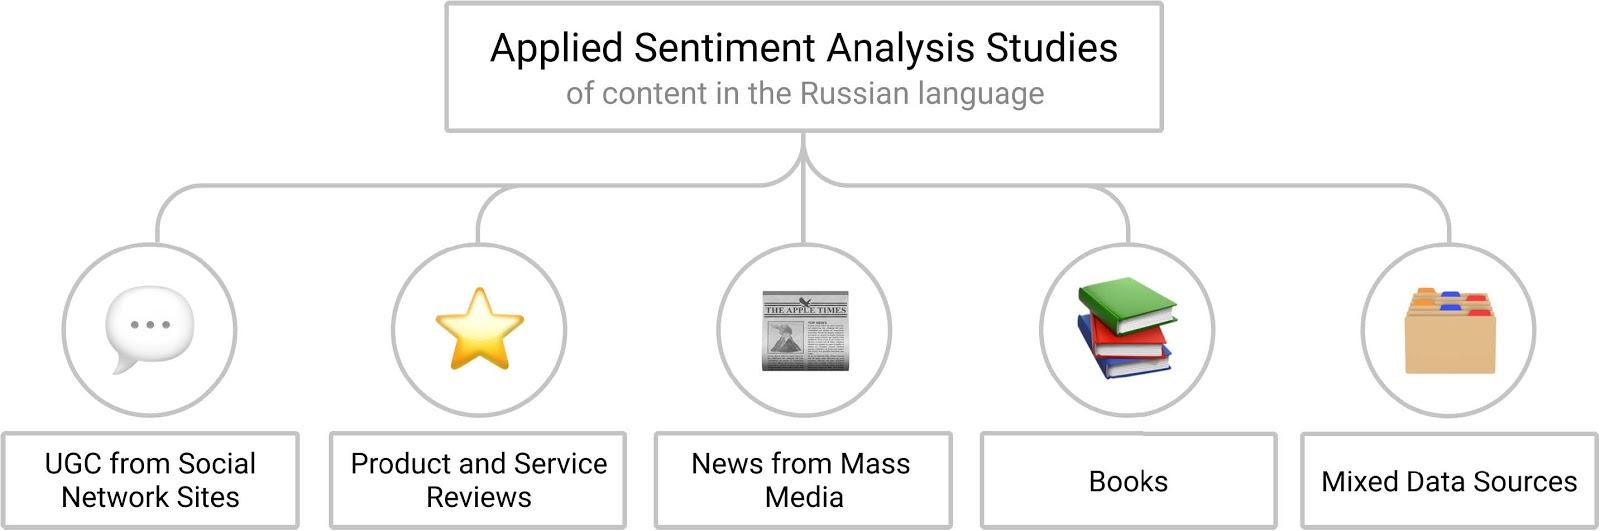 Анализ тональности в русскоязычных текстах, часть 2 основные исследования